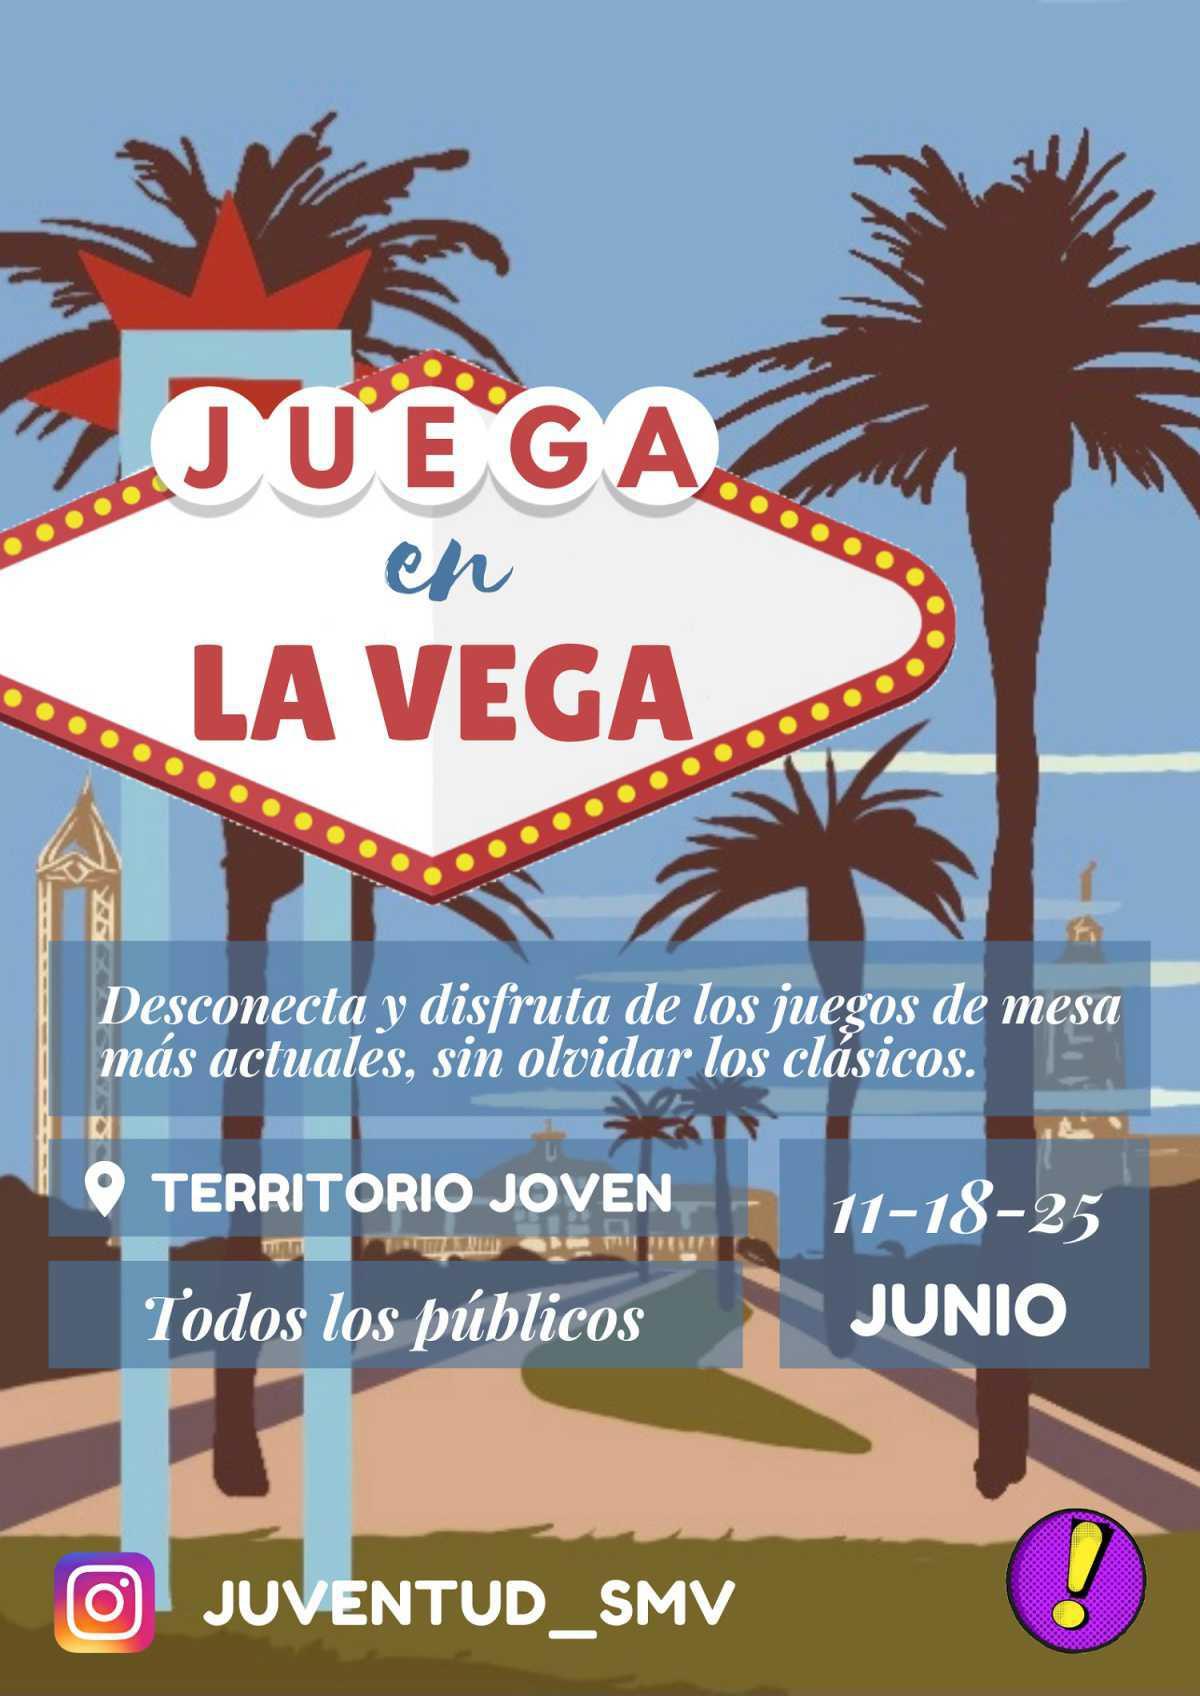 Juega en la Vega, un nuevo proyecto de Juventud San Martín de la Vega